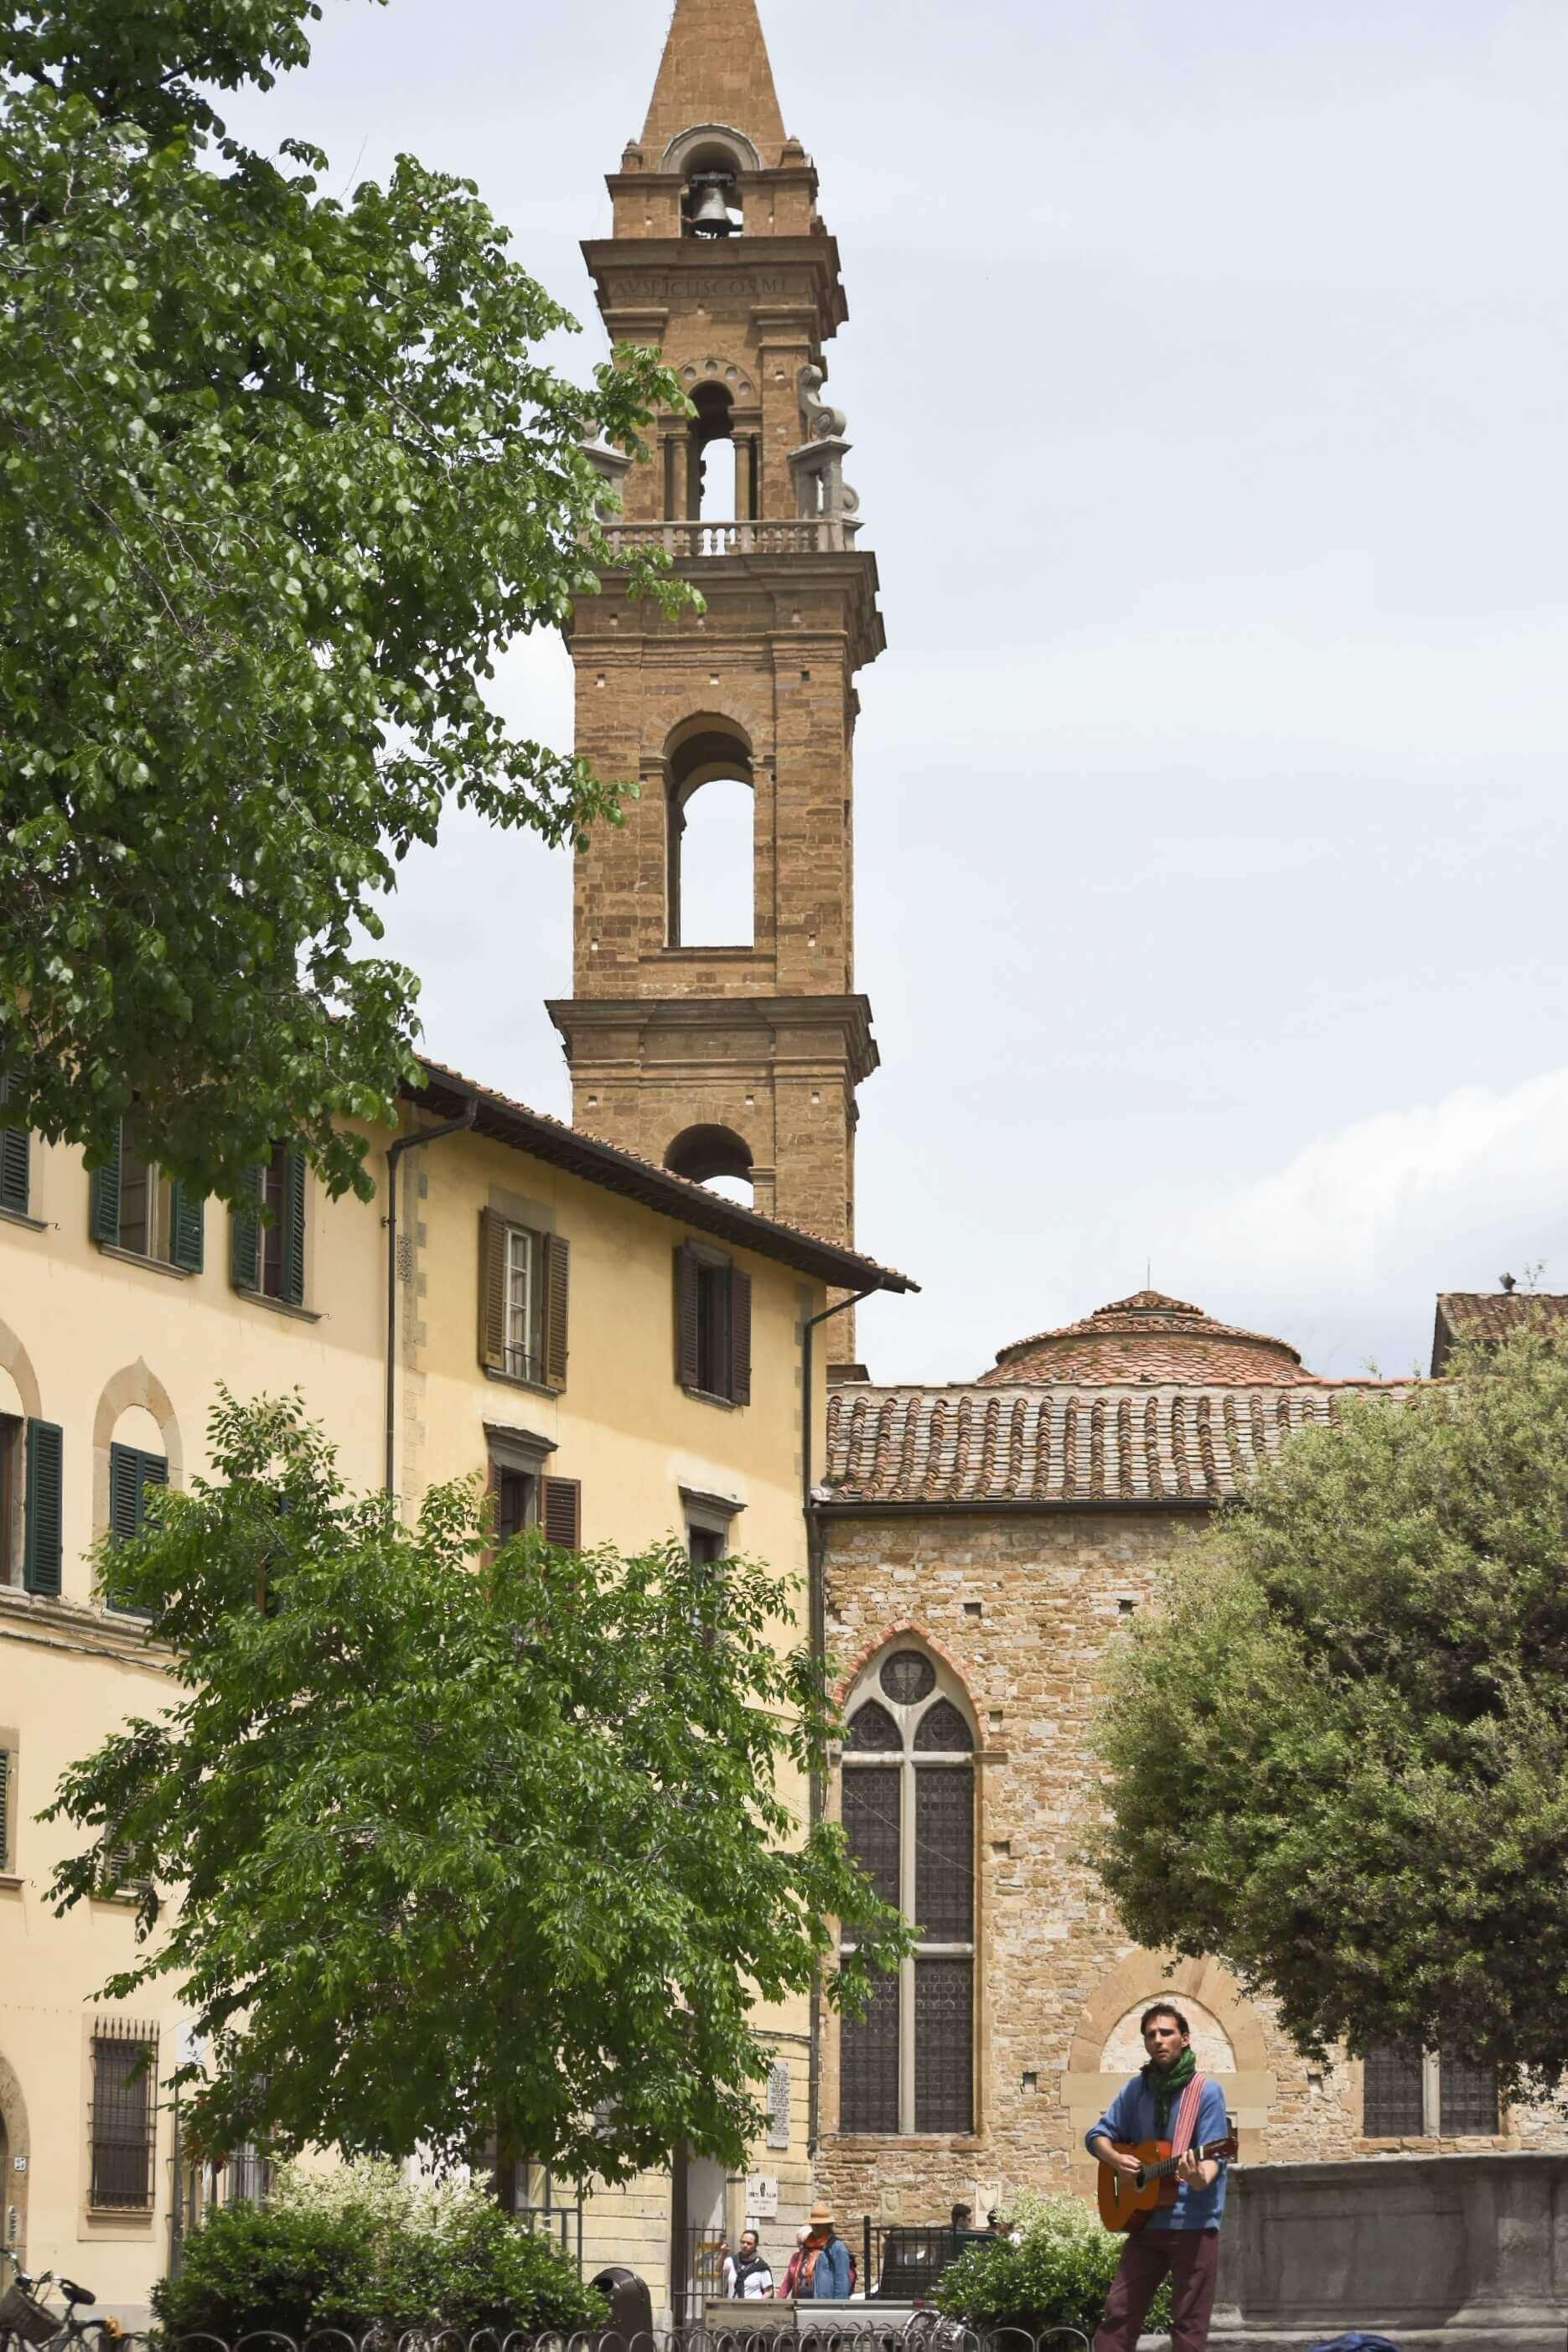 Image of giardino di palazzo frescobaldi in florence